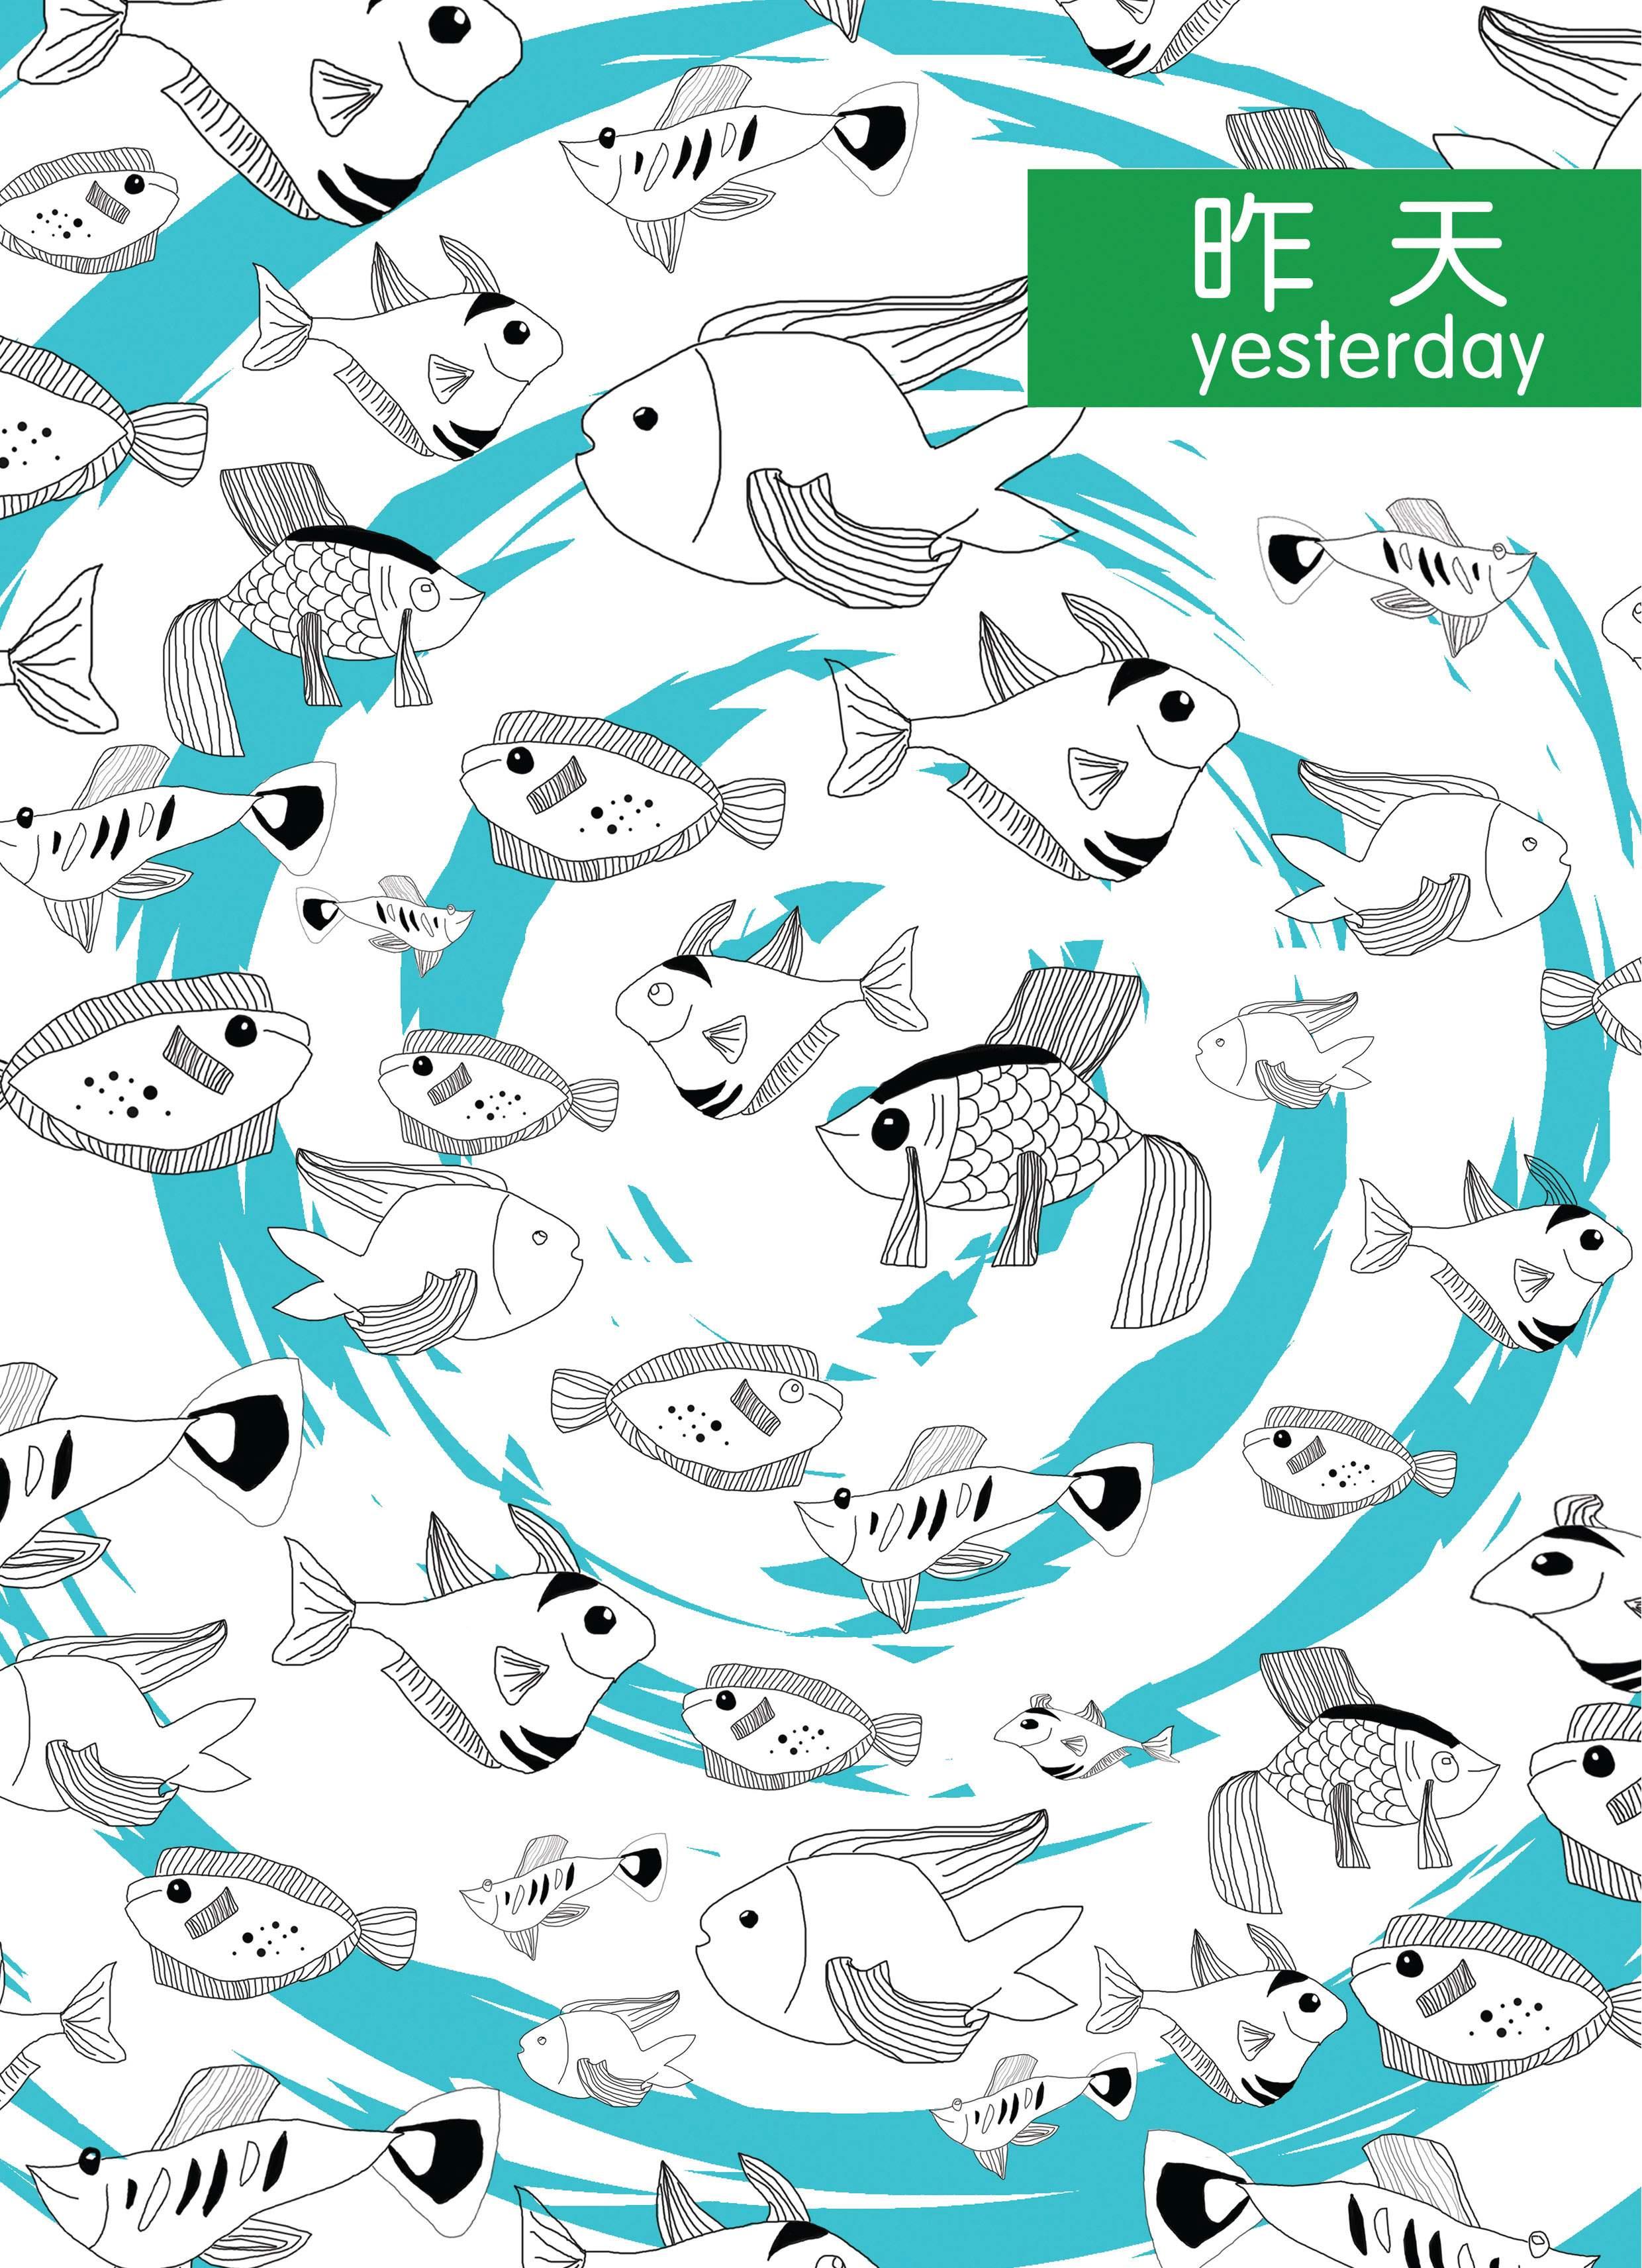 海洋环保海报手绘